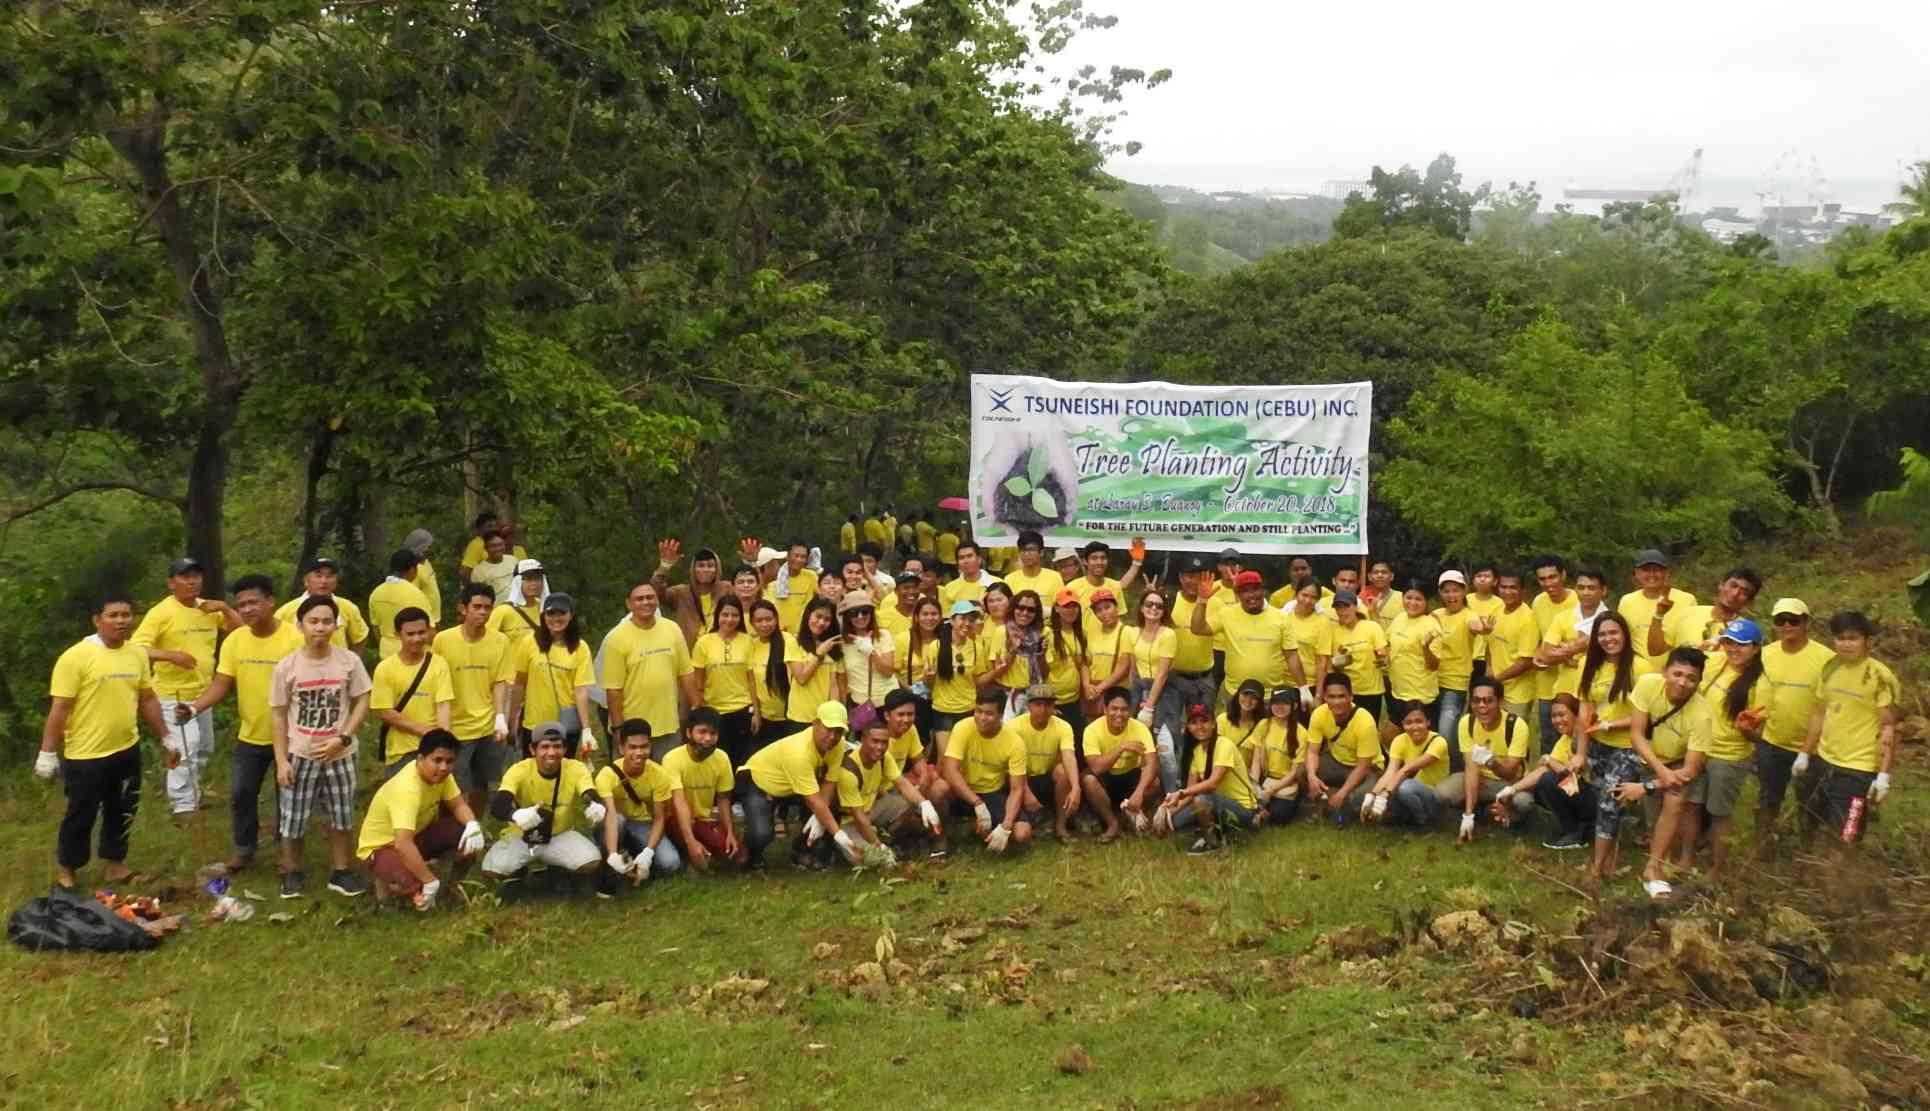 ツネイシセブ財団が第7回植樹活動を実施 ~豊かな自然環境を次世代につなぐ~